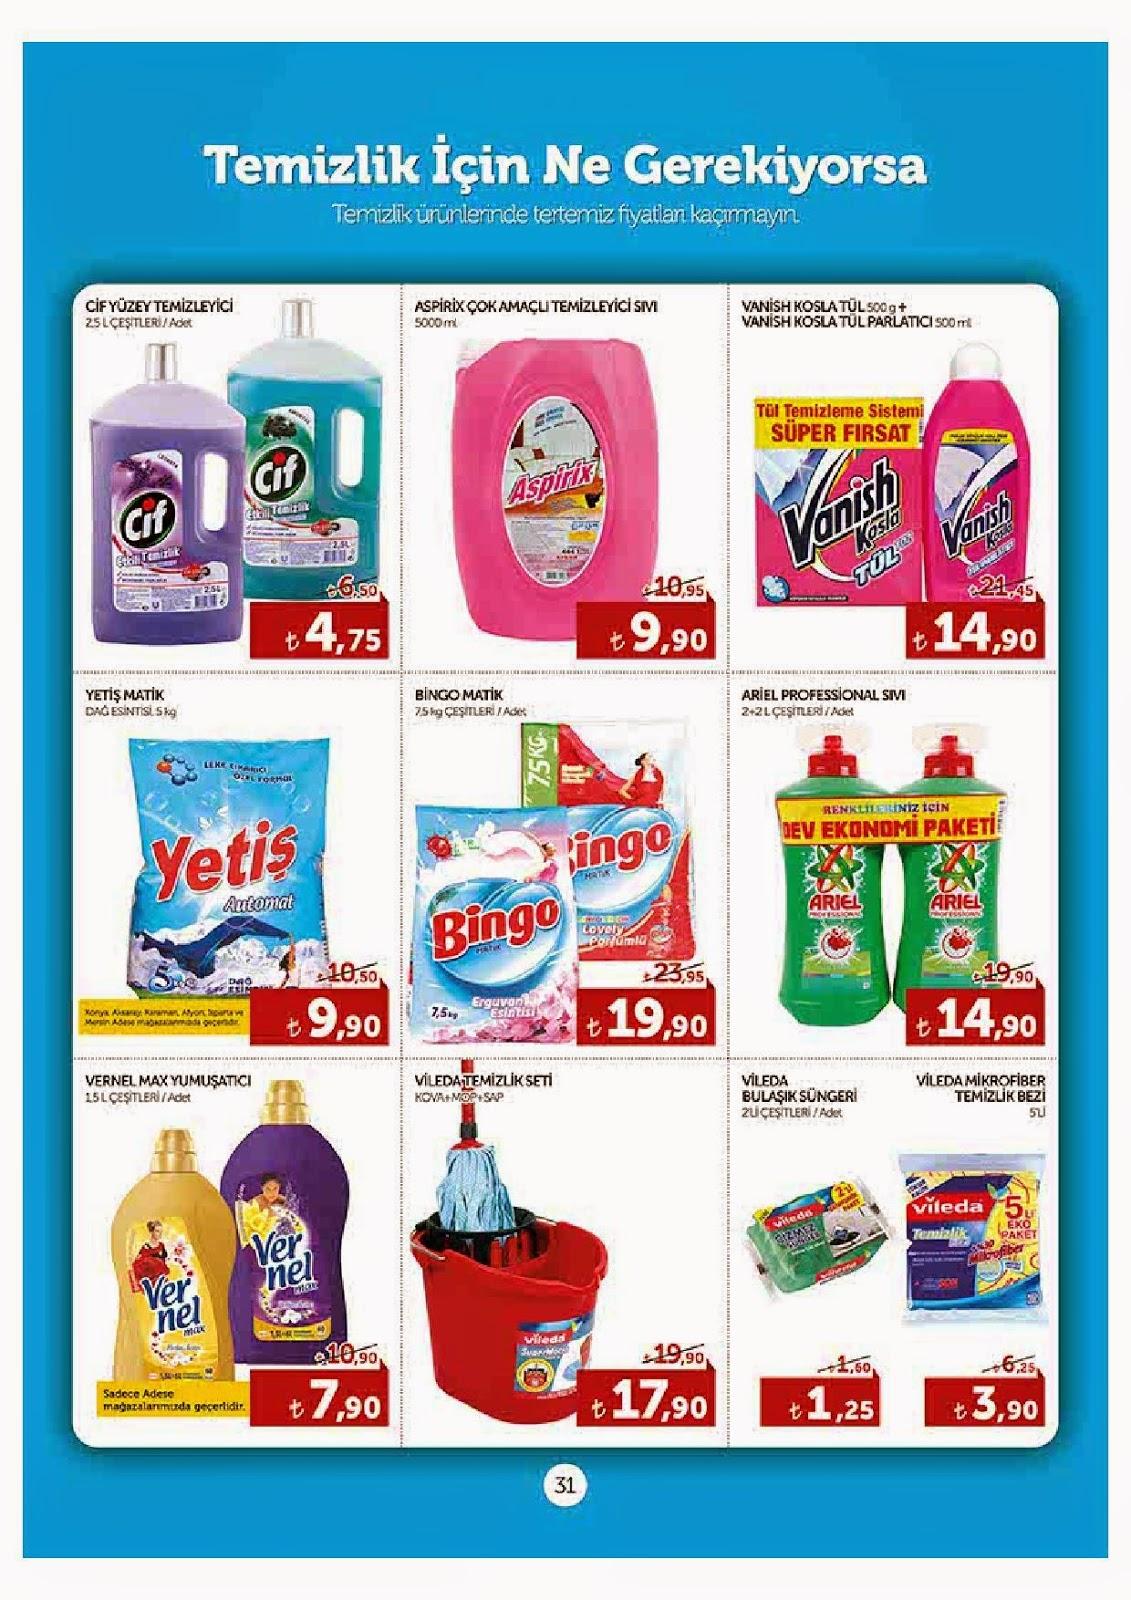 Adese Ve Adesem 2 Mayıs - 15 Mayıs 2014 tarihlerindeki Güncel Broşür,İndirim Katalog , Market Kataloğu,Aktüel Ürünler,Adese Ve Adesem 2 Mayıs - 15 Mayıs 2014  aktüel ürünleri mayıs kataloğu sizlerle. Adese Ve Adesem 2 Mayıs - 15 Mayıs 2014  aktüel ürünlerine ait bu konumuzda katalogları bulabilirsiniz Bu katalog ile Adese Ve Adesem 2 Mayıs - 15 Mayıs 2014 tarihinde gelecek ürünleri görebilir ve fiyatları hakkında bilgi sahibi olabilirsiniz.